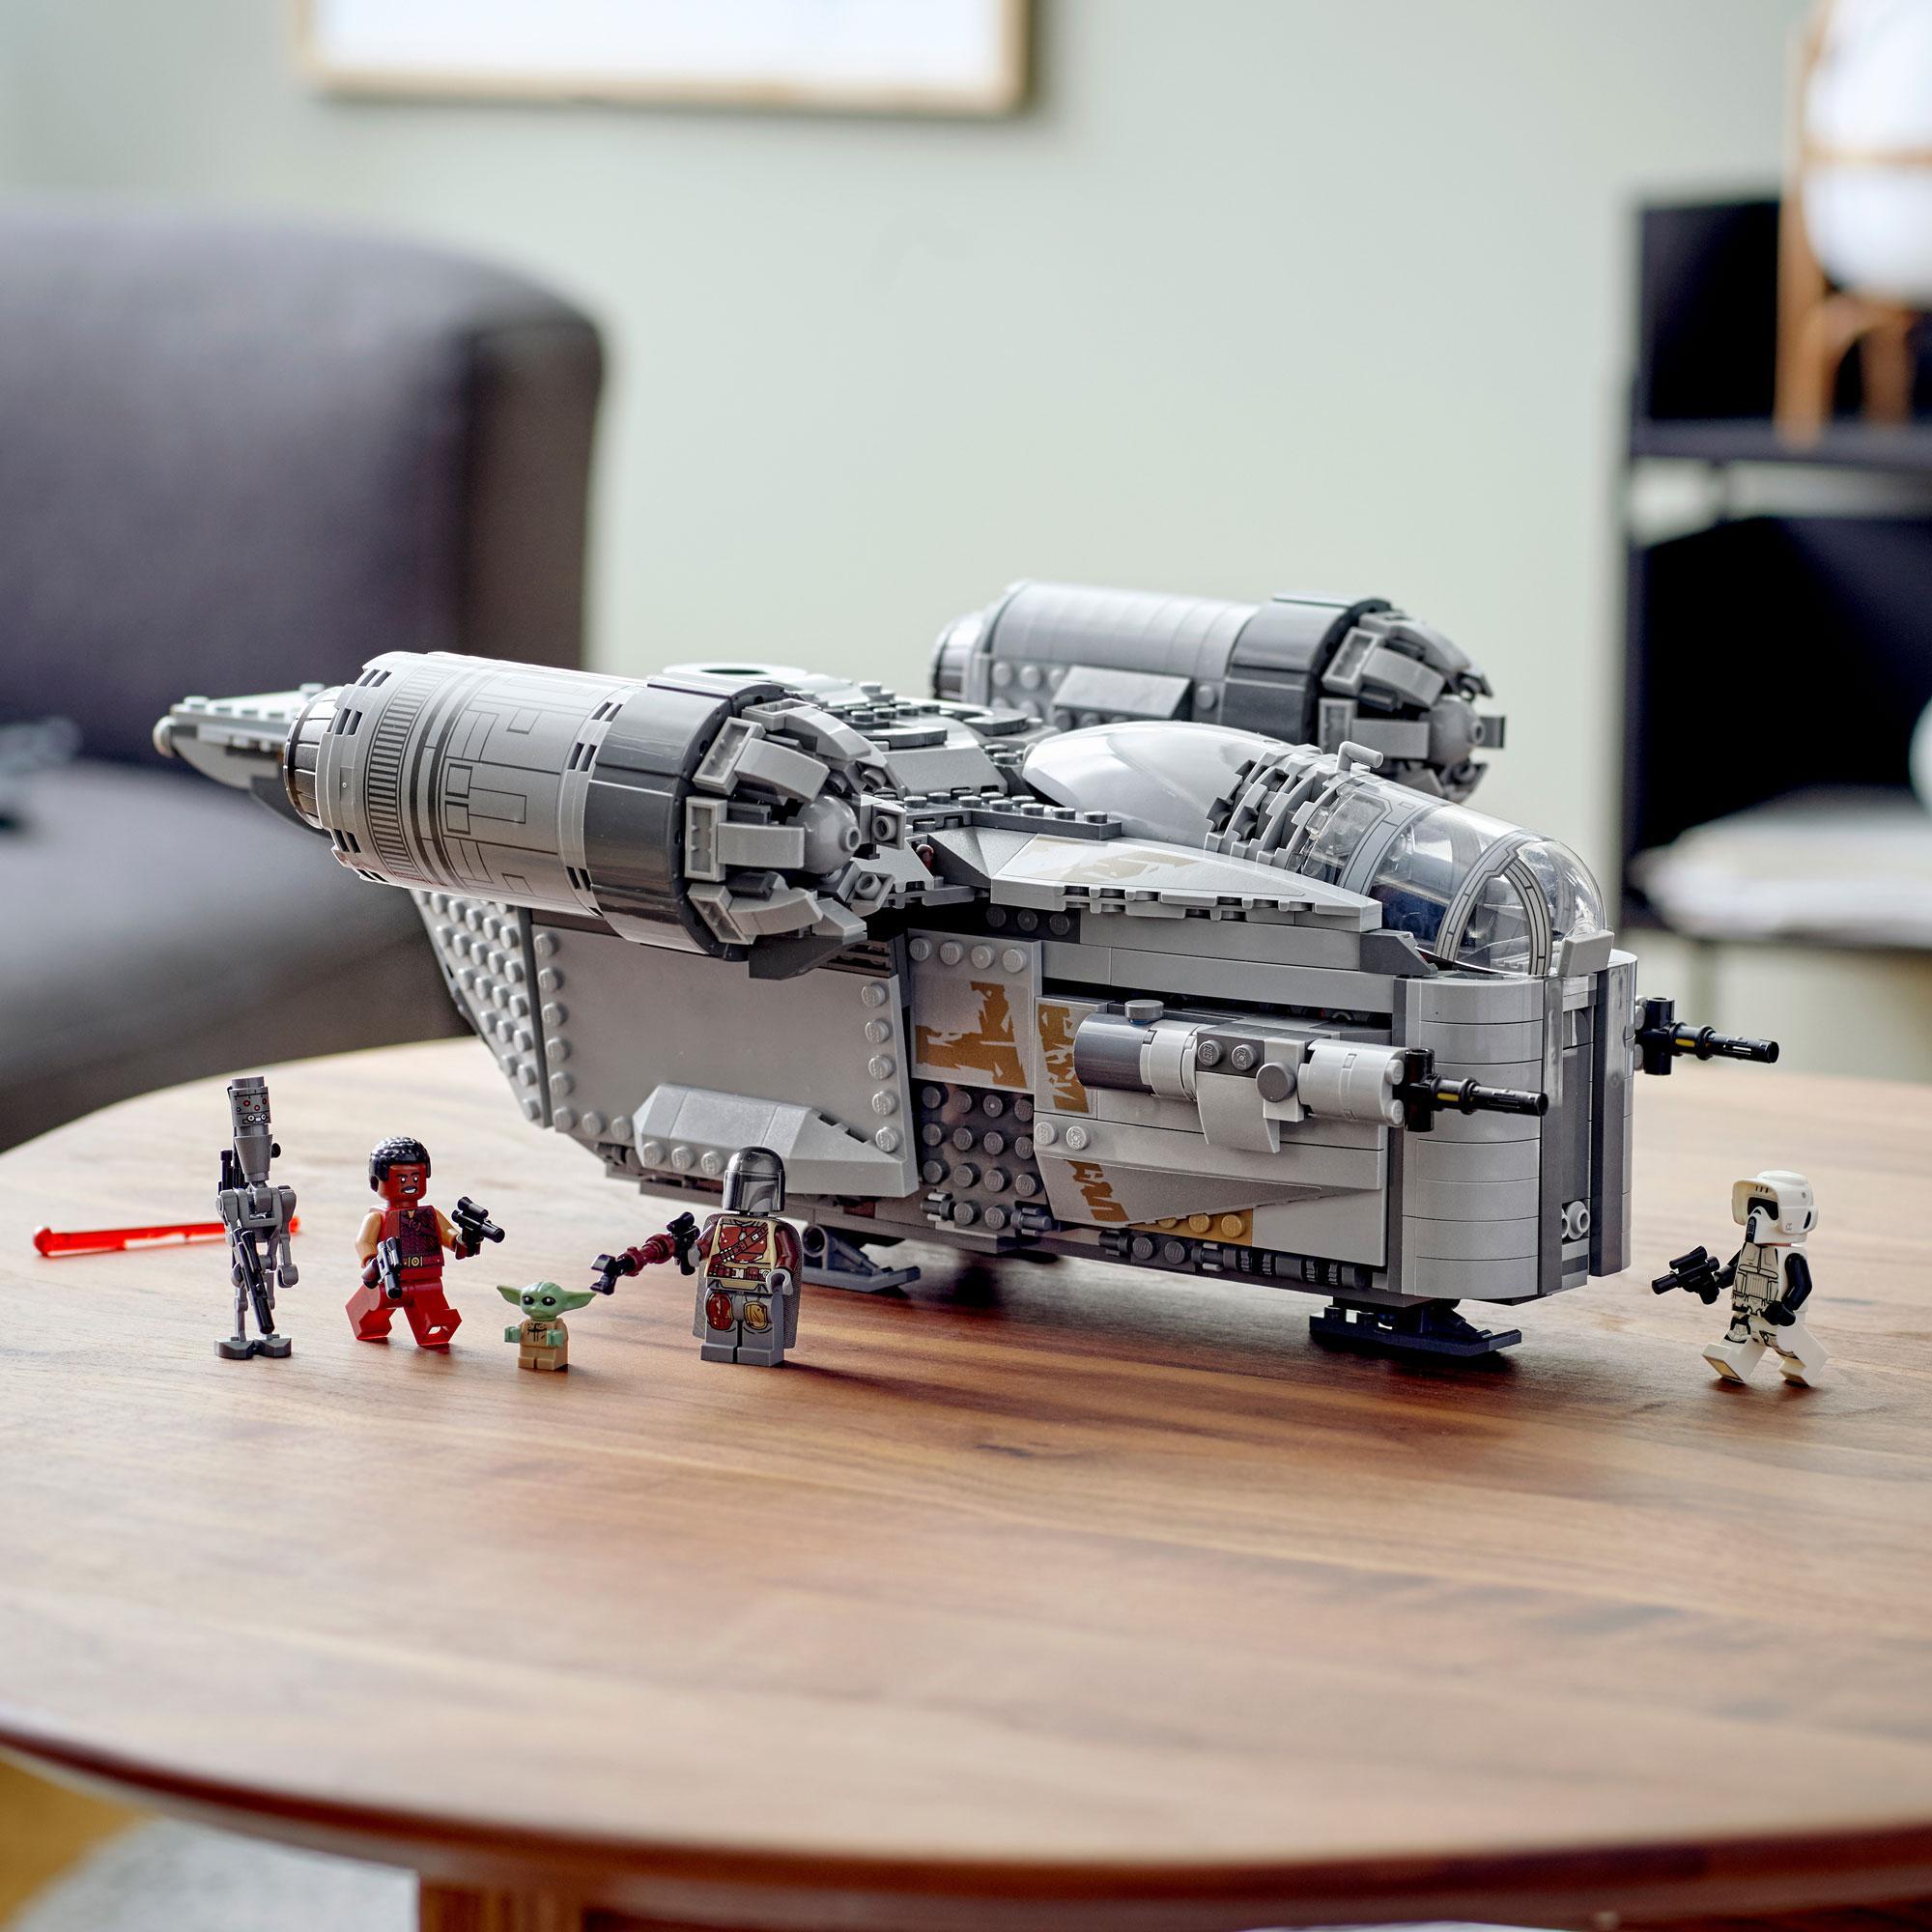 25 лет за рамками конструктора: компания LEGO Group празднует юбилей выхода первой видеоигры